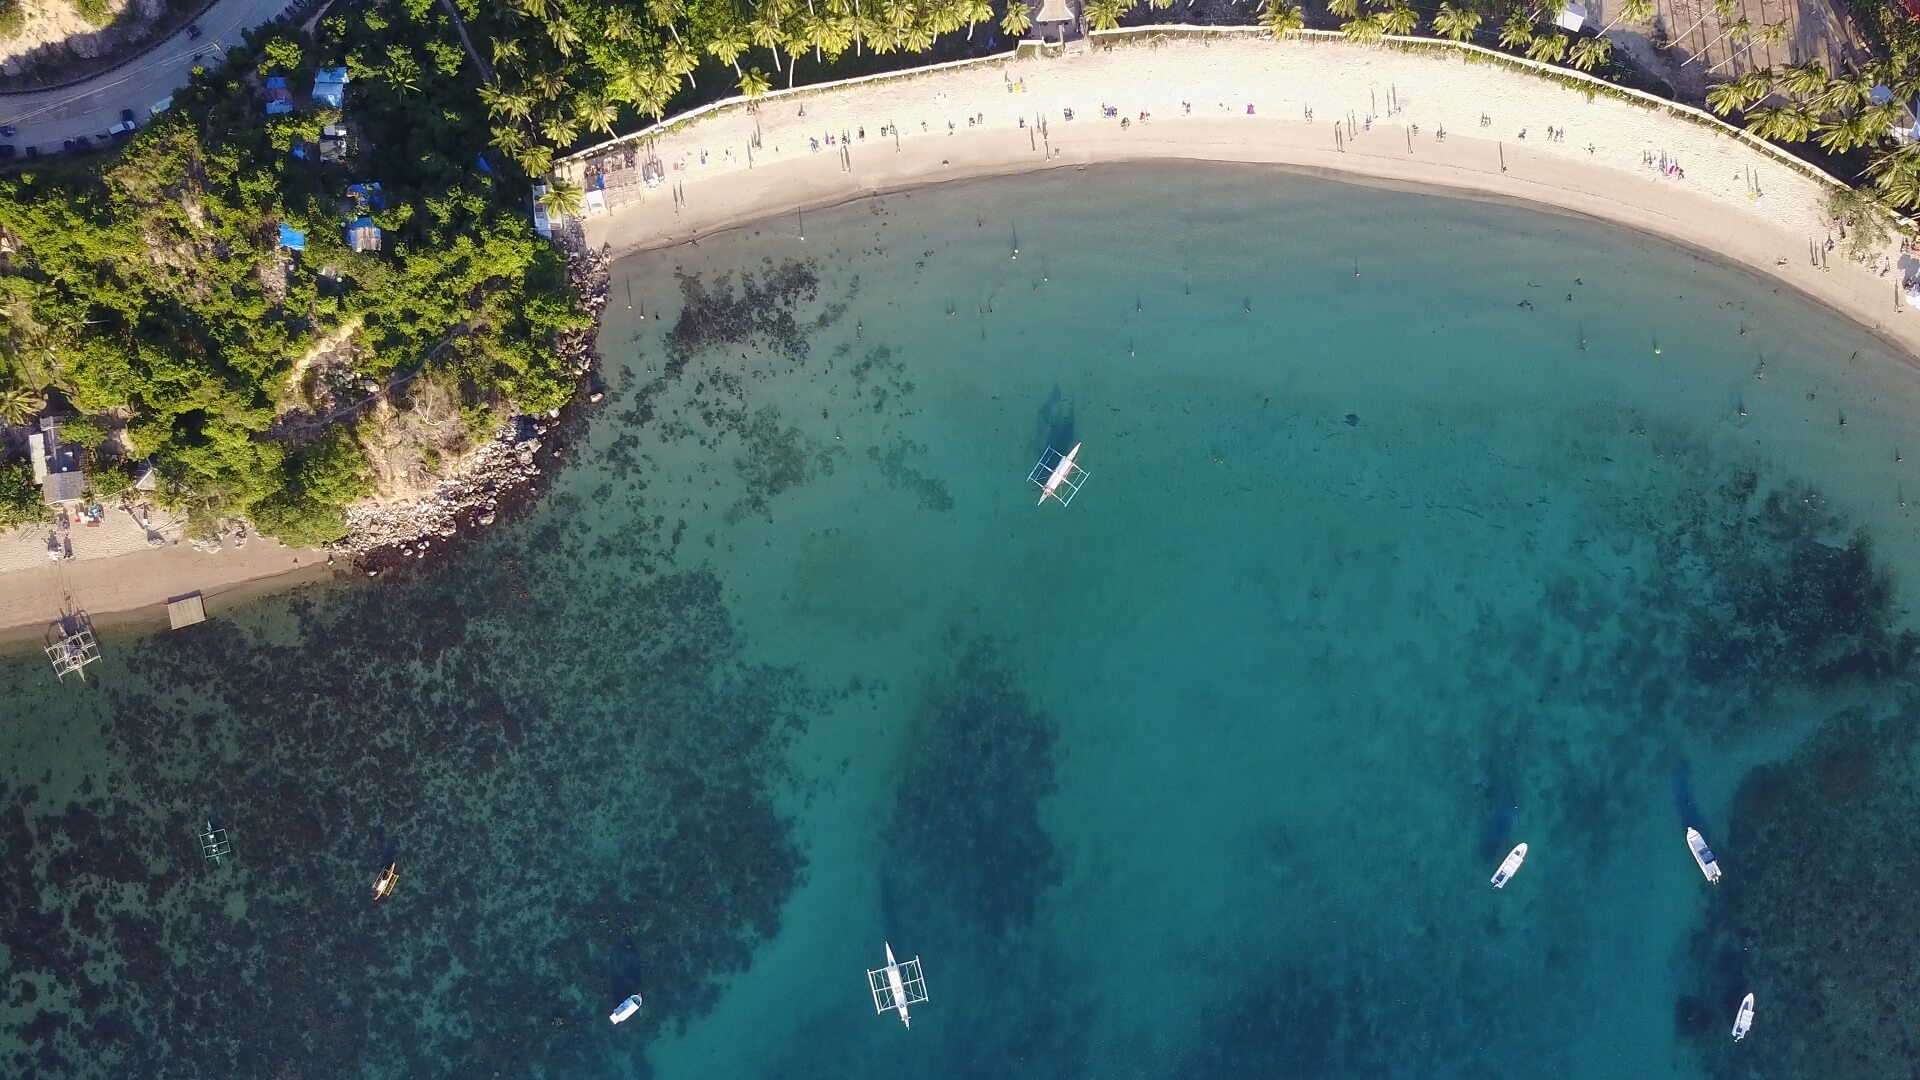 ラスカバナスビーチのMavicドローン空撮写真